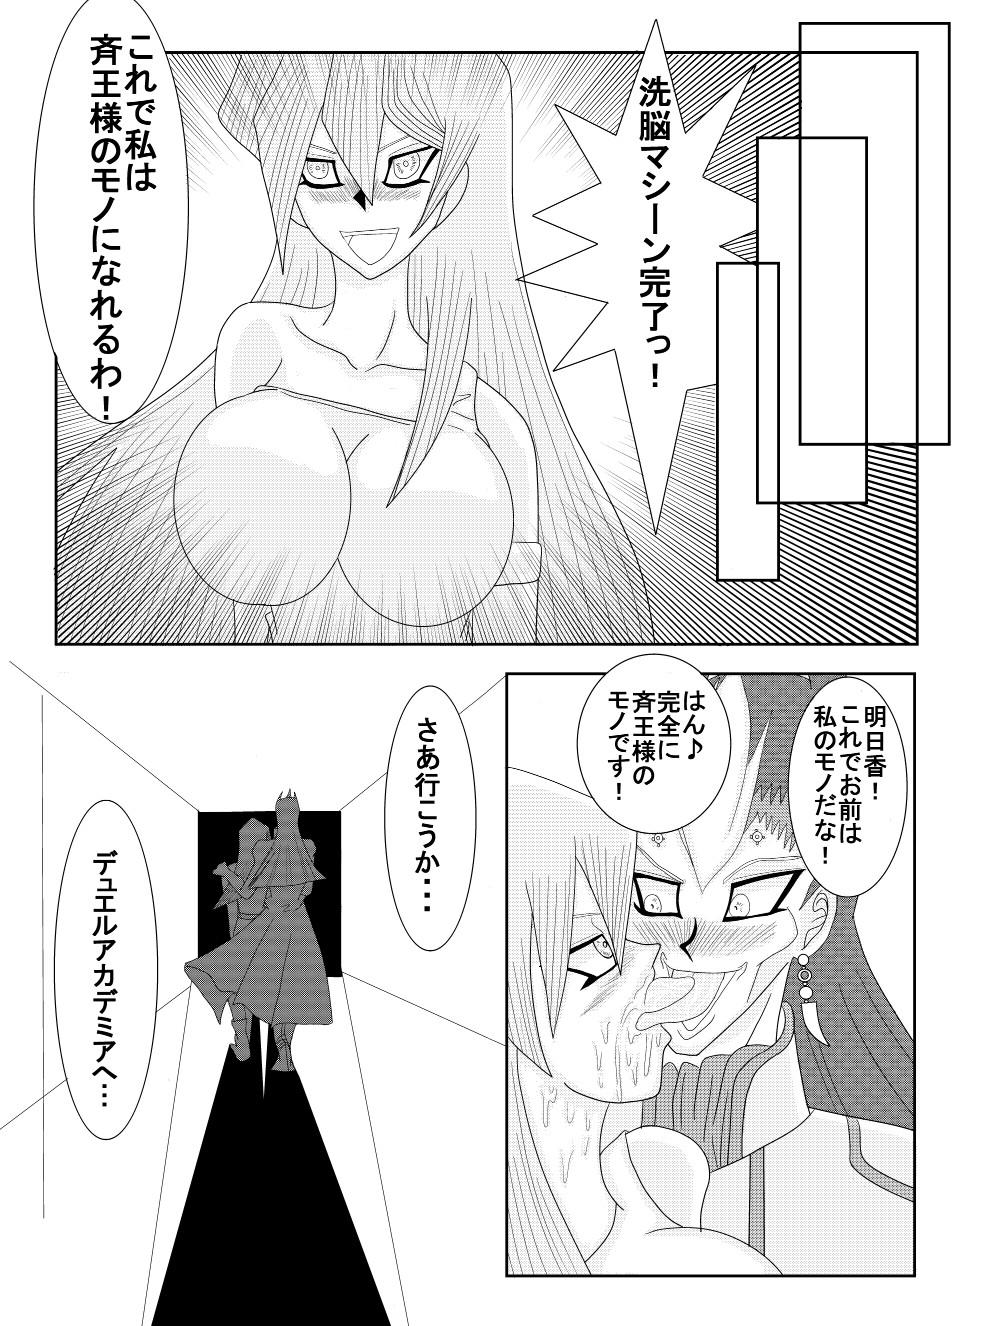 洗脳教育室~総集編Vol.01~ 88